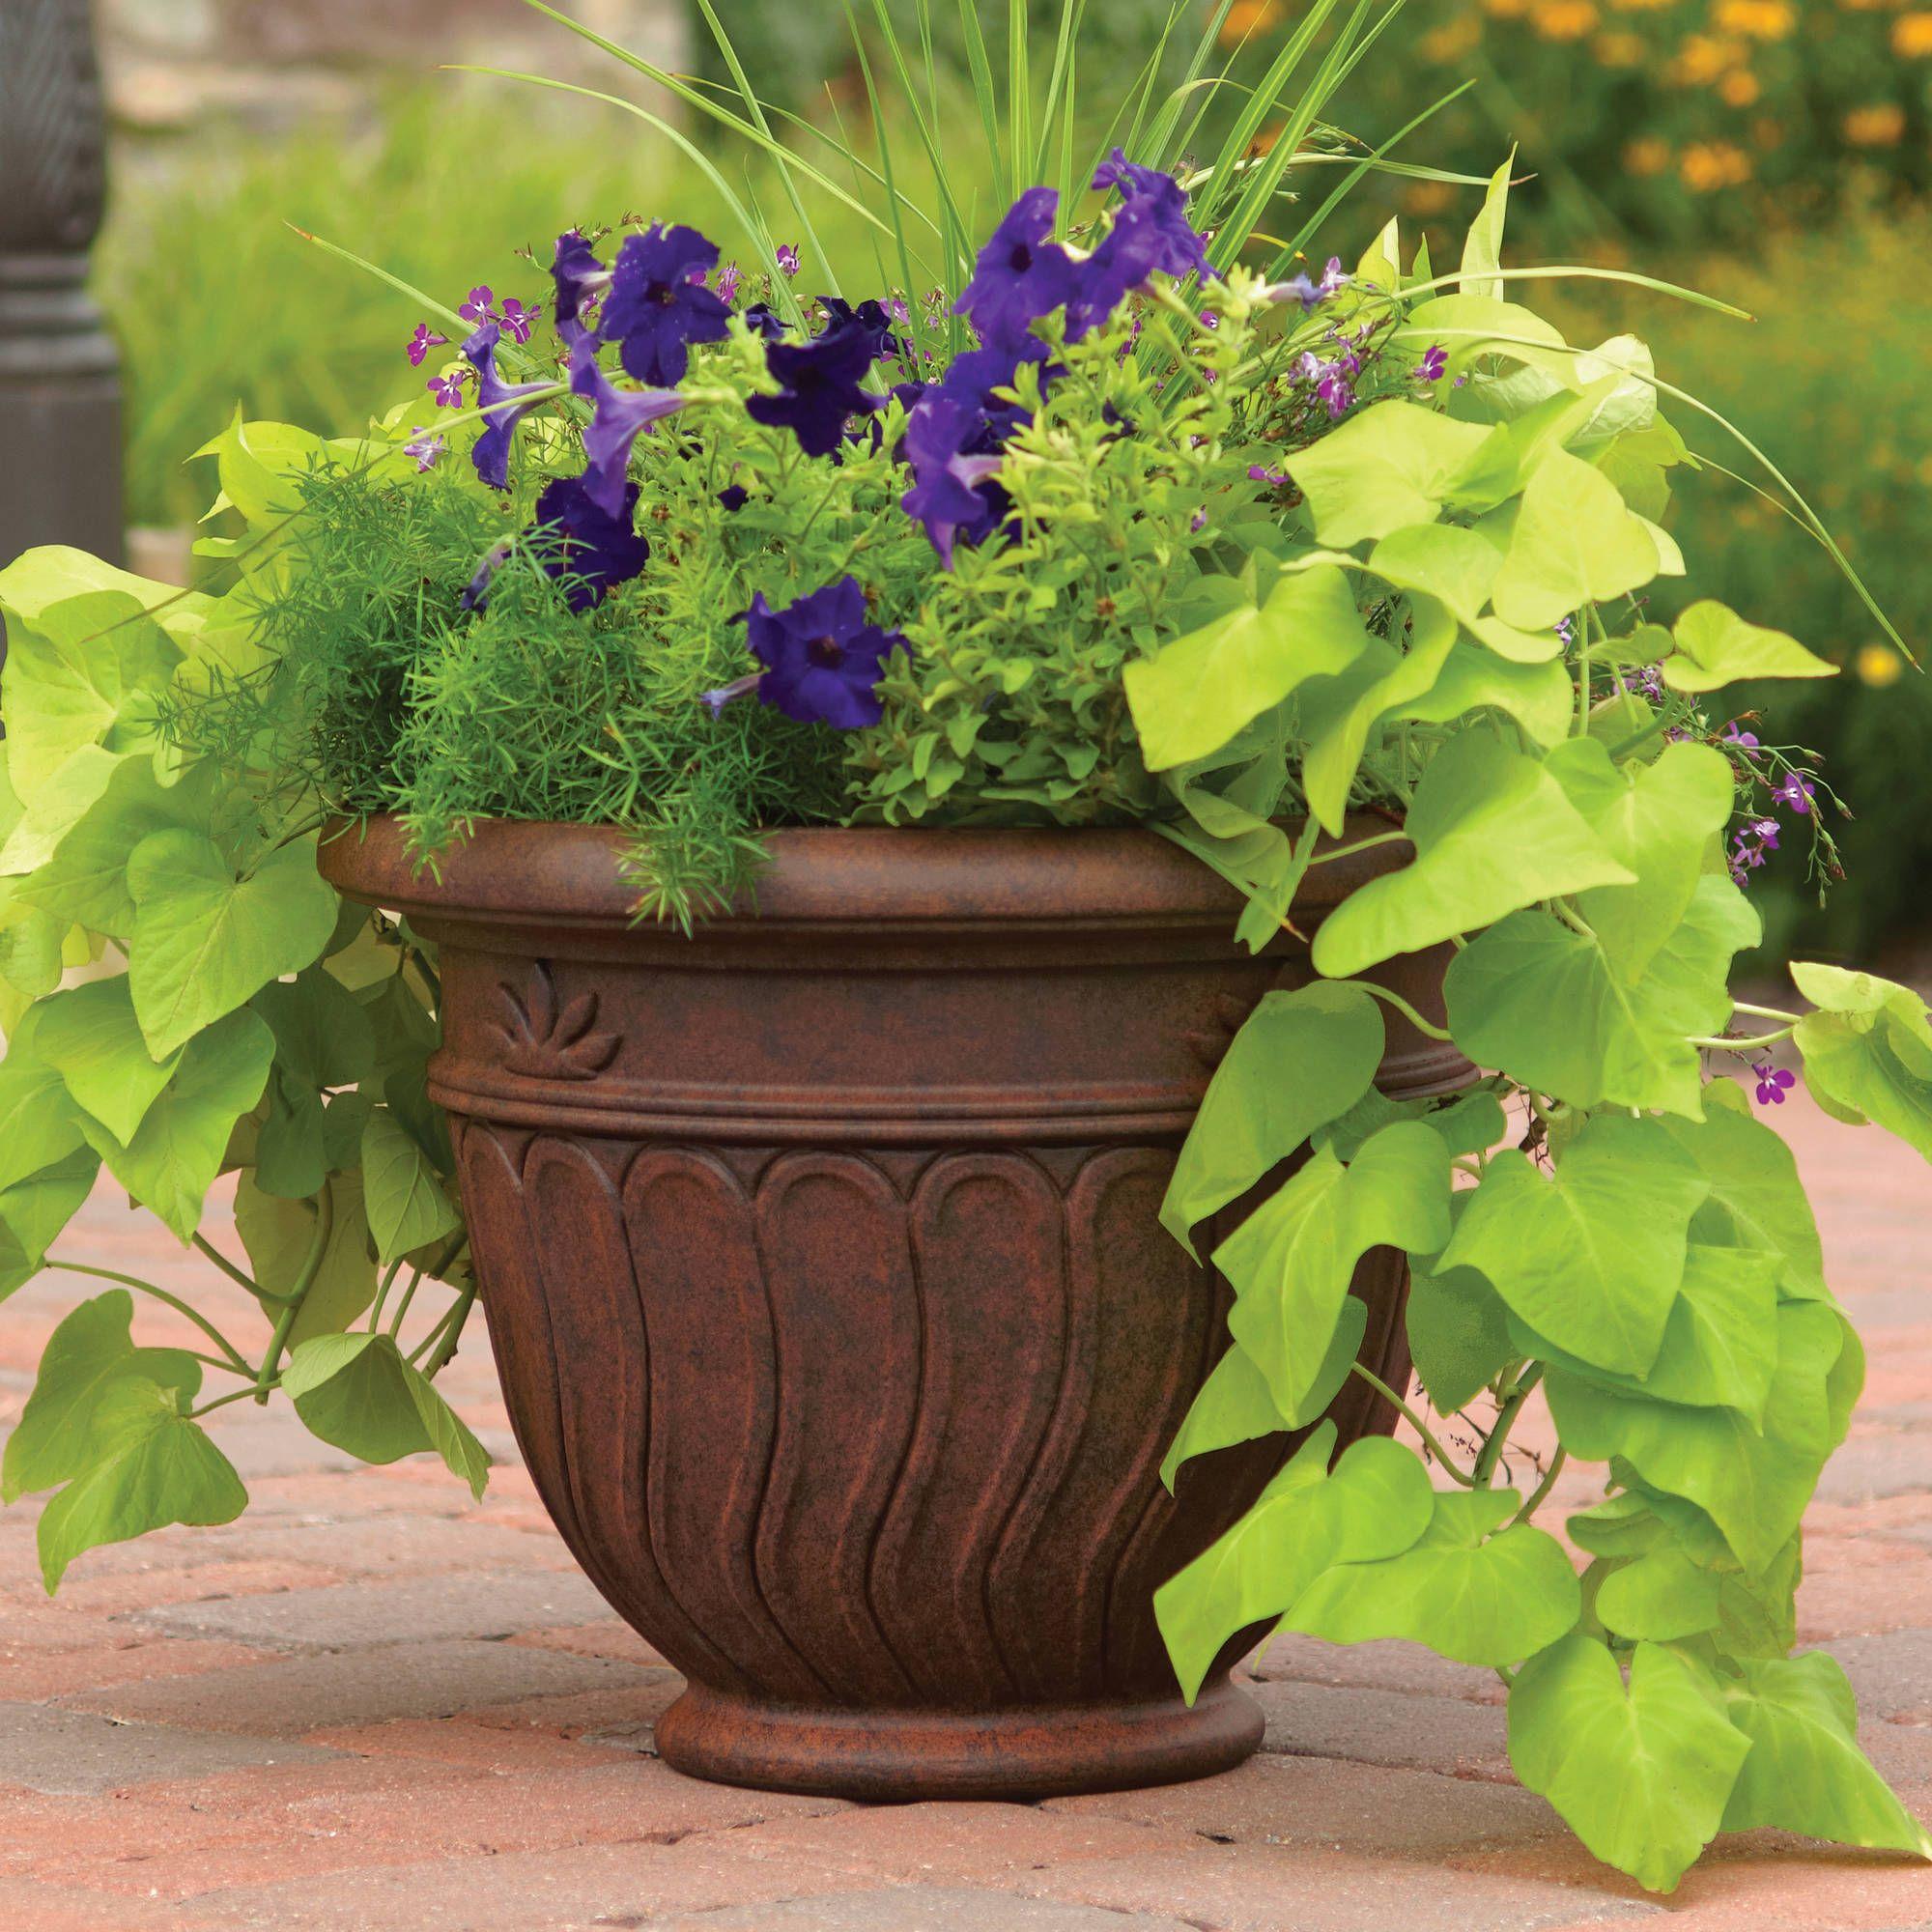 b232c86f9c9375eb3ba15d5acd15ca6d - Better Homes And Gardens 16 Inch Round Planter